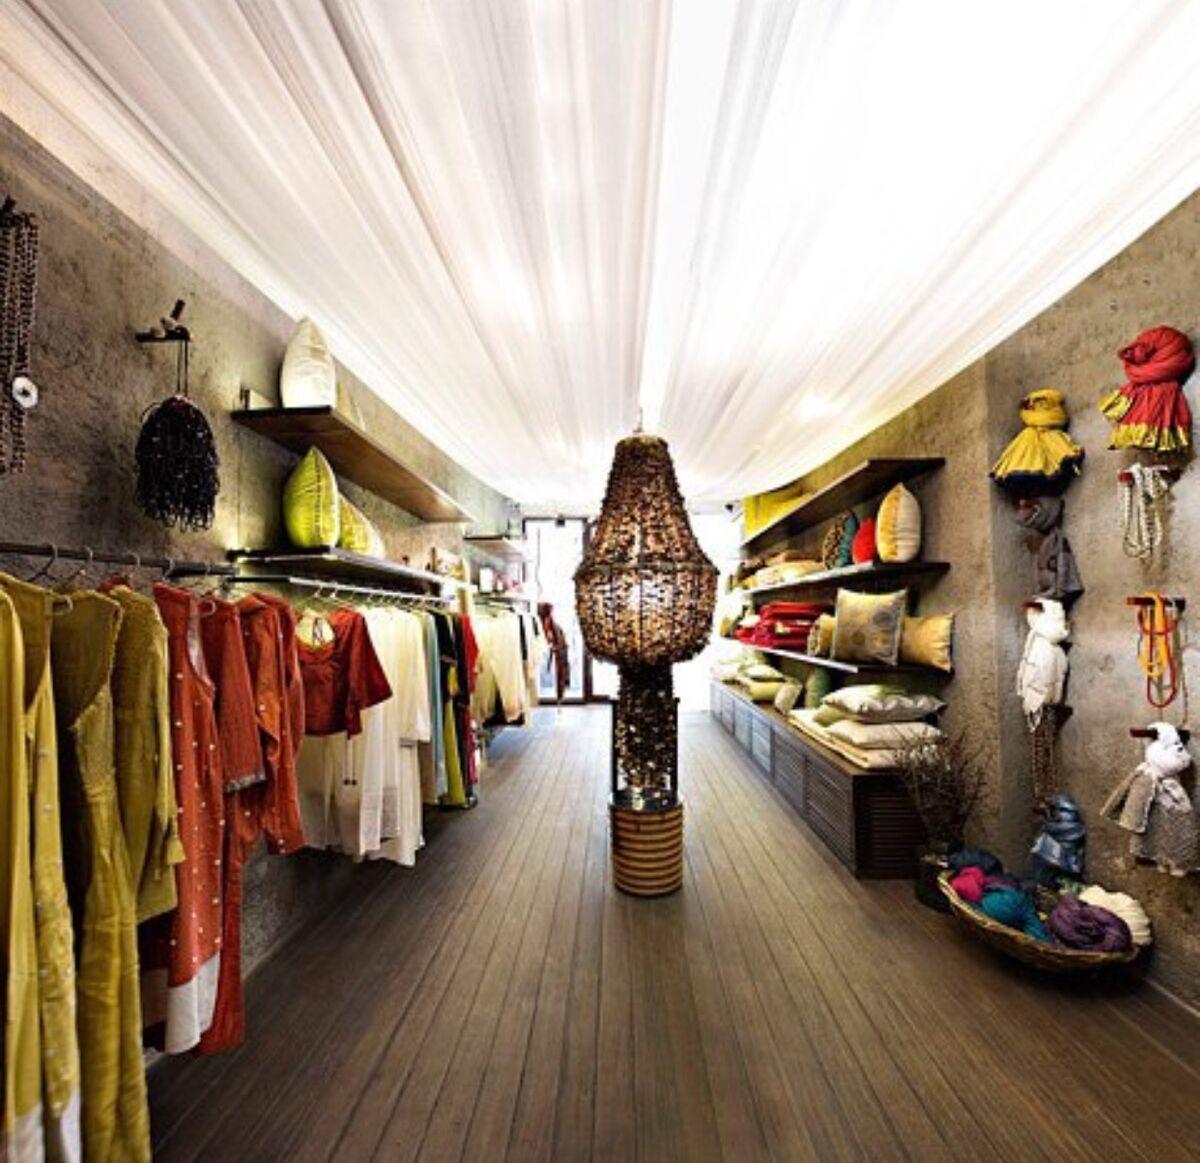 Shop with Avantica